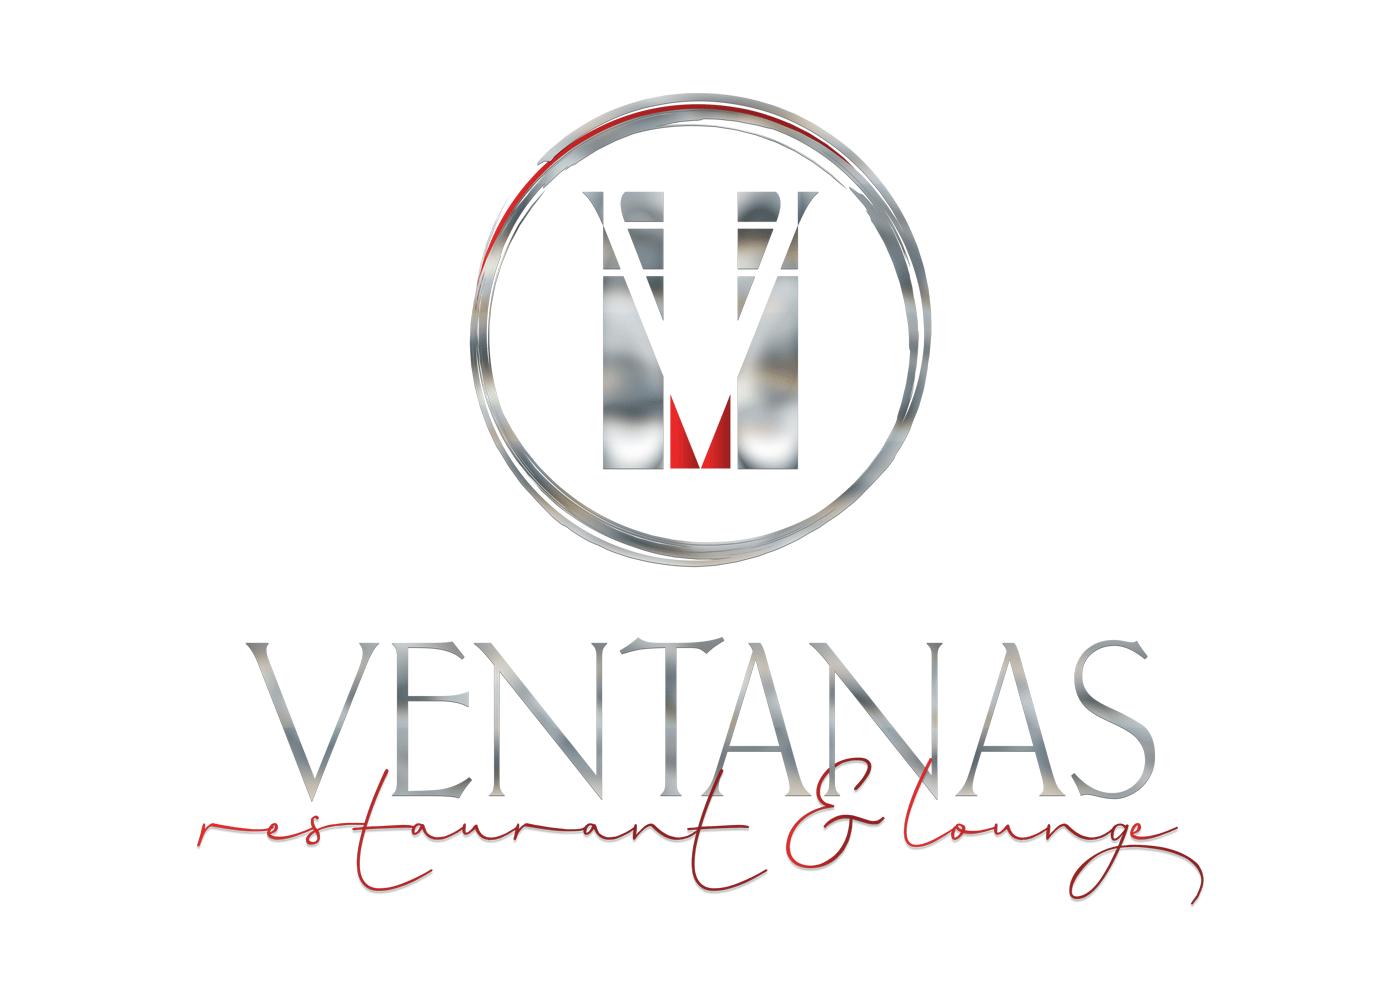 VENTANAS logo